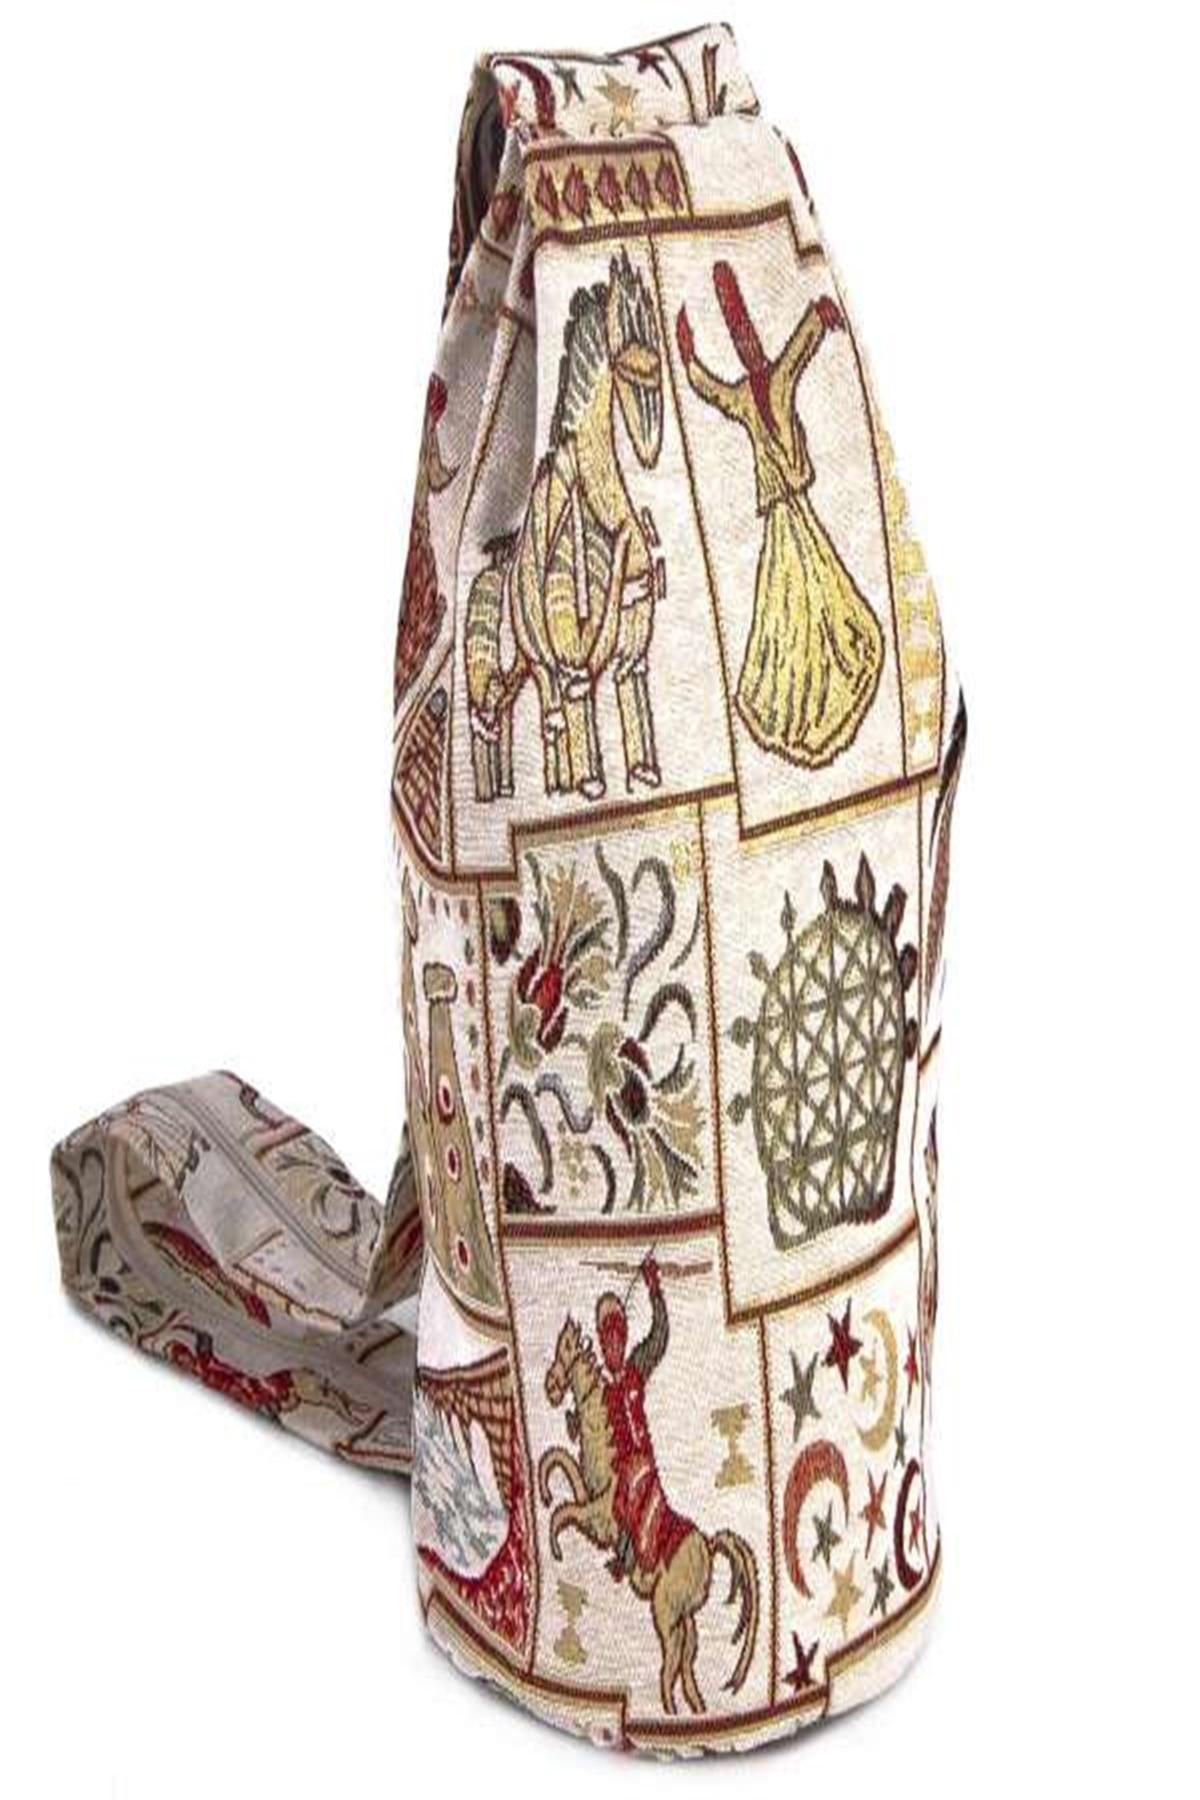 Женский рюкзак-дорожный Рюкзак-Повседневный Рюкзак-дизайнерская сумка-аутентичный Рюкзак-женский рюкзак